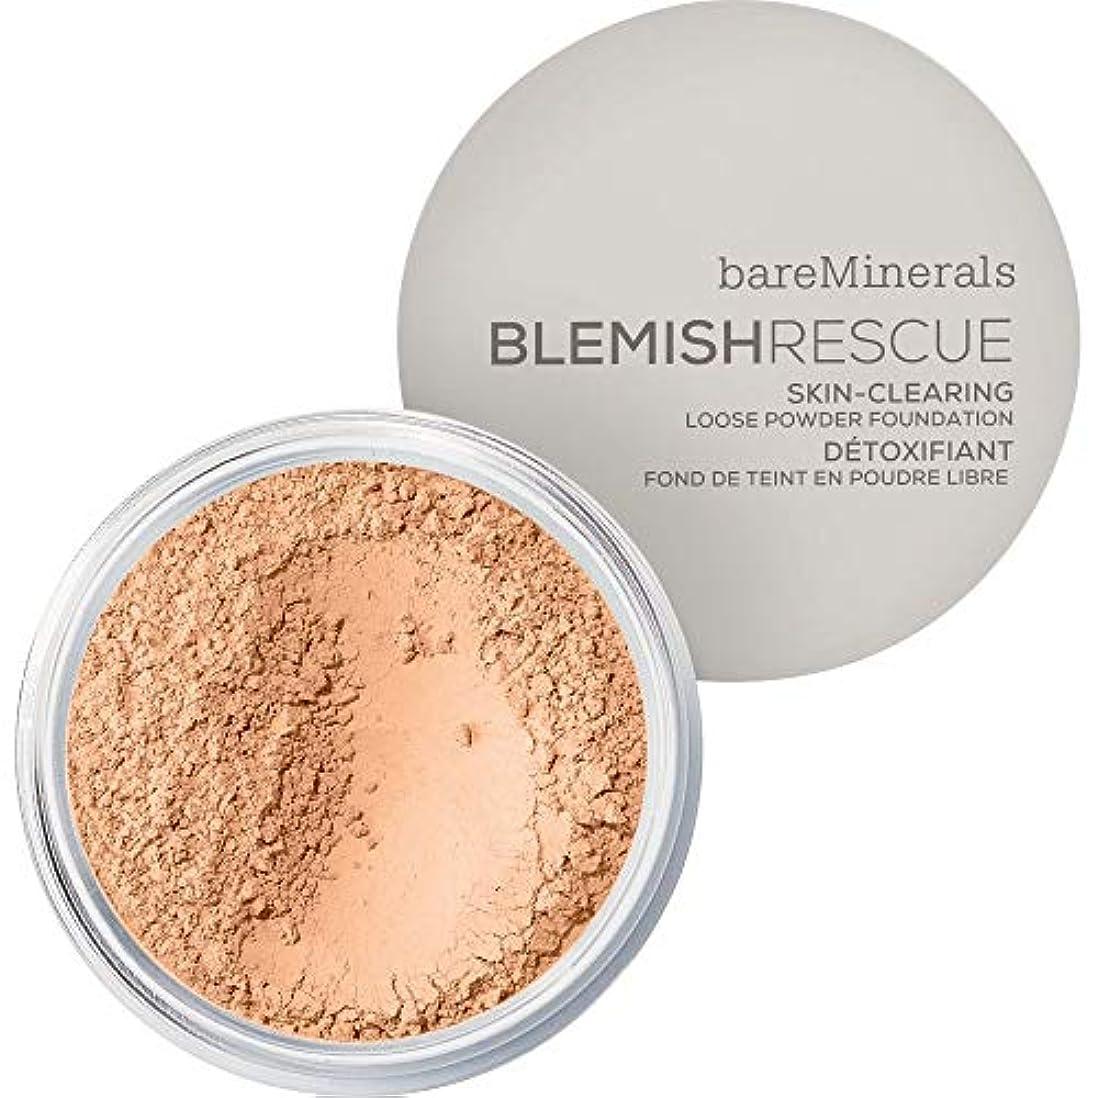 テント音楽川[bareMinerals ] ベアミネラルは3.5Nwを6Gレスキュースキンクリア緩いパウダーファンデーションを傷 - 黄金のヌード - bareMinerals Blemish Rescue Skin-Clearing Loose Powder Foundation 6g 3.5NW - Golden Nude [並行輸入品]